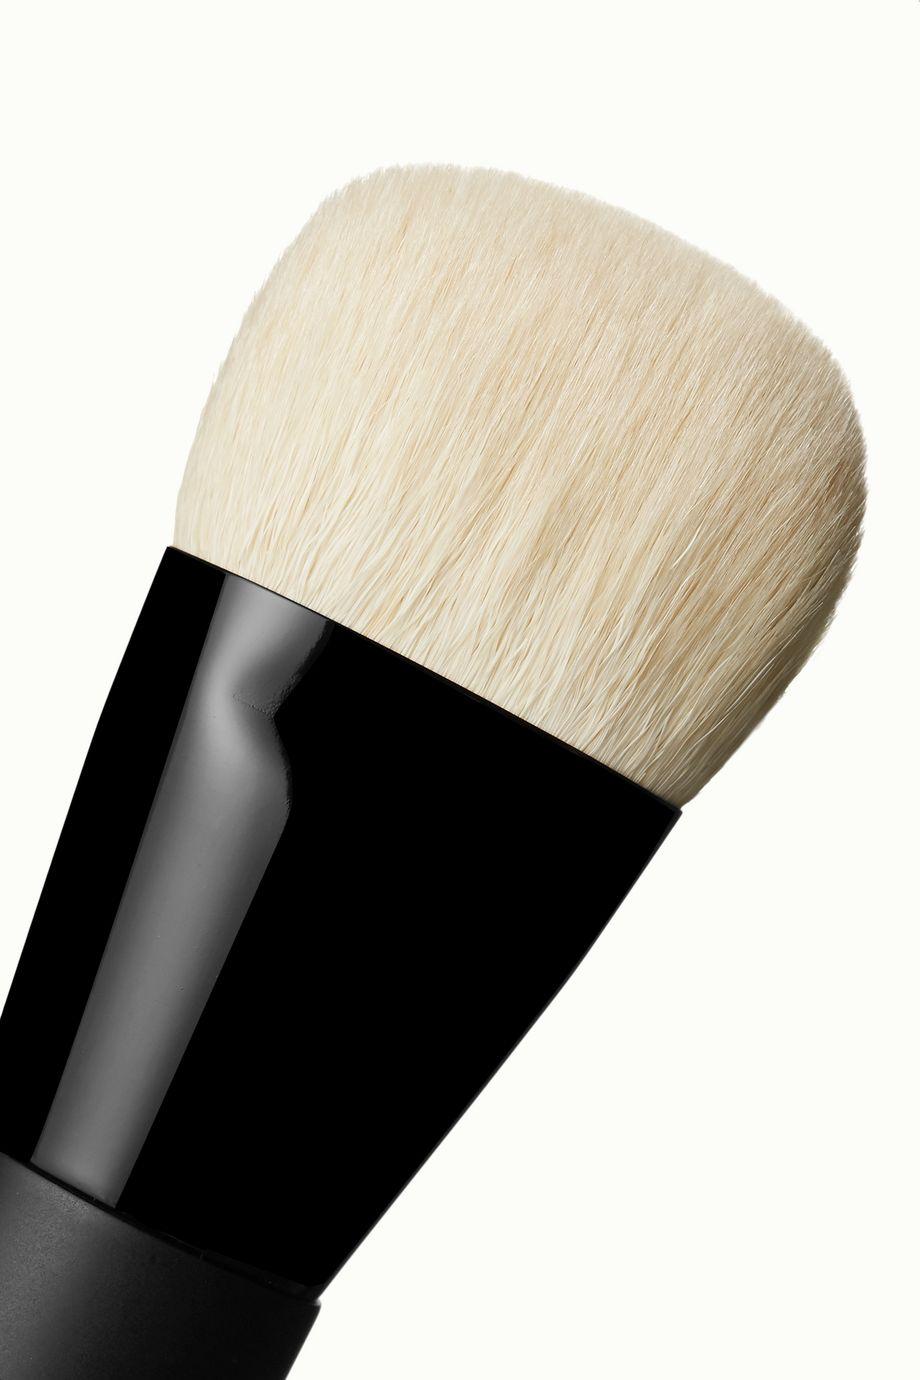 Rae Morris Jishaku 27 Mini Radiance Brush